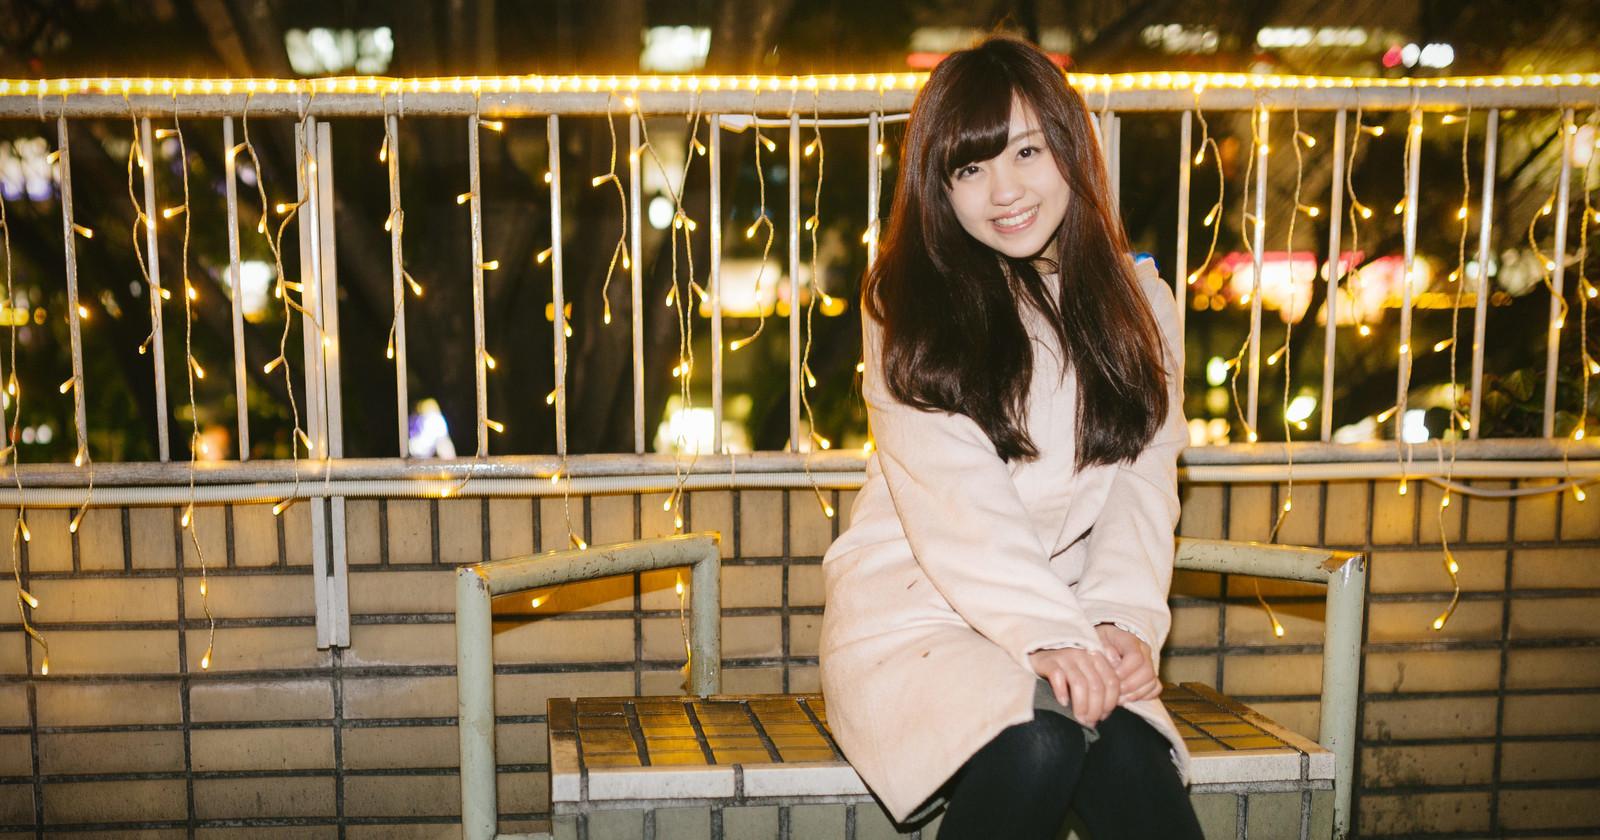 是[面白日本] 大阪人開房間習慣只開 1 小時?原來是最便宜也最貴的算術陷阱這篇文章的首圖